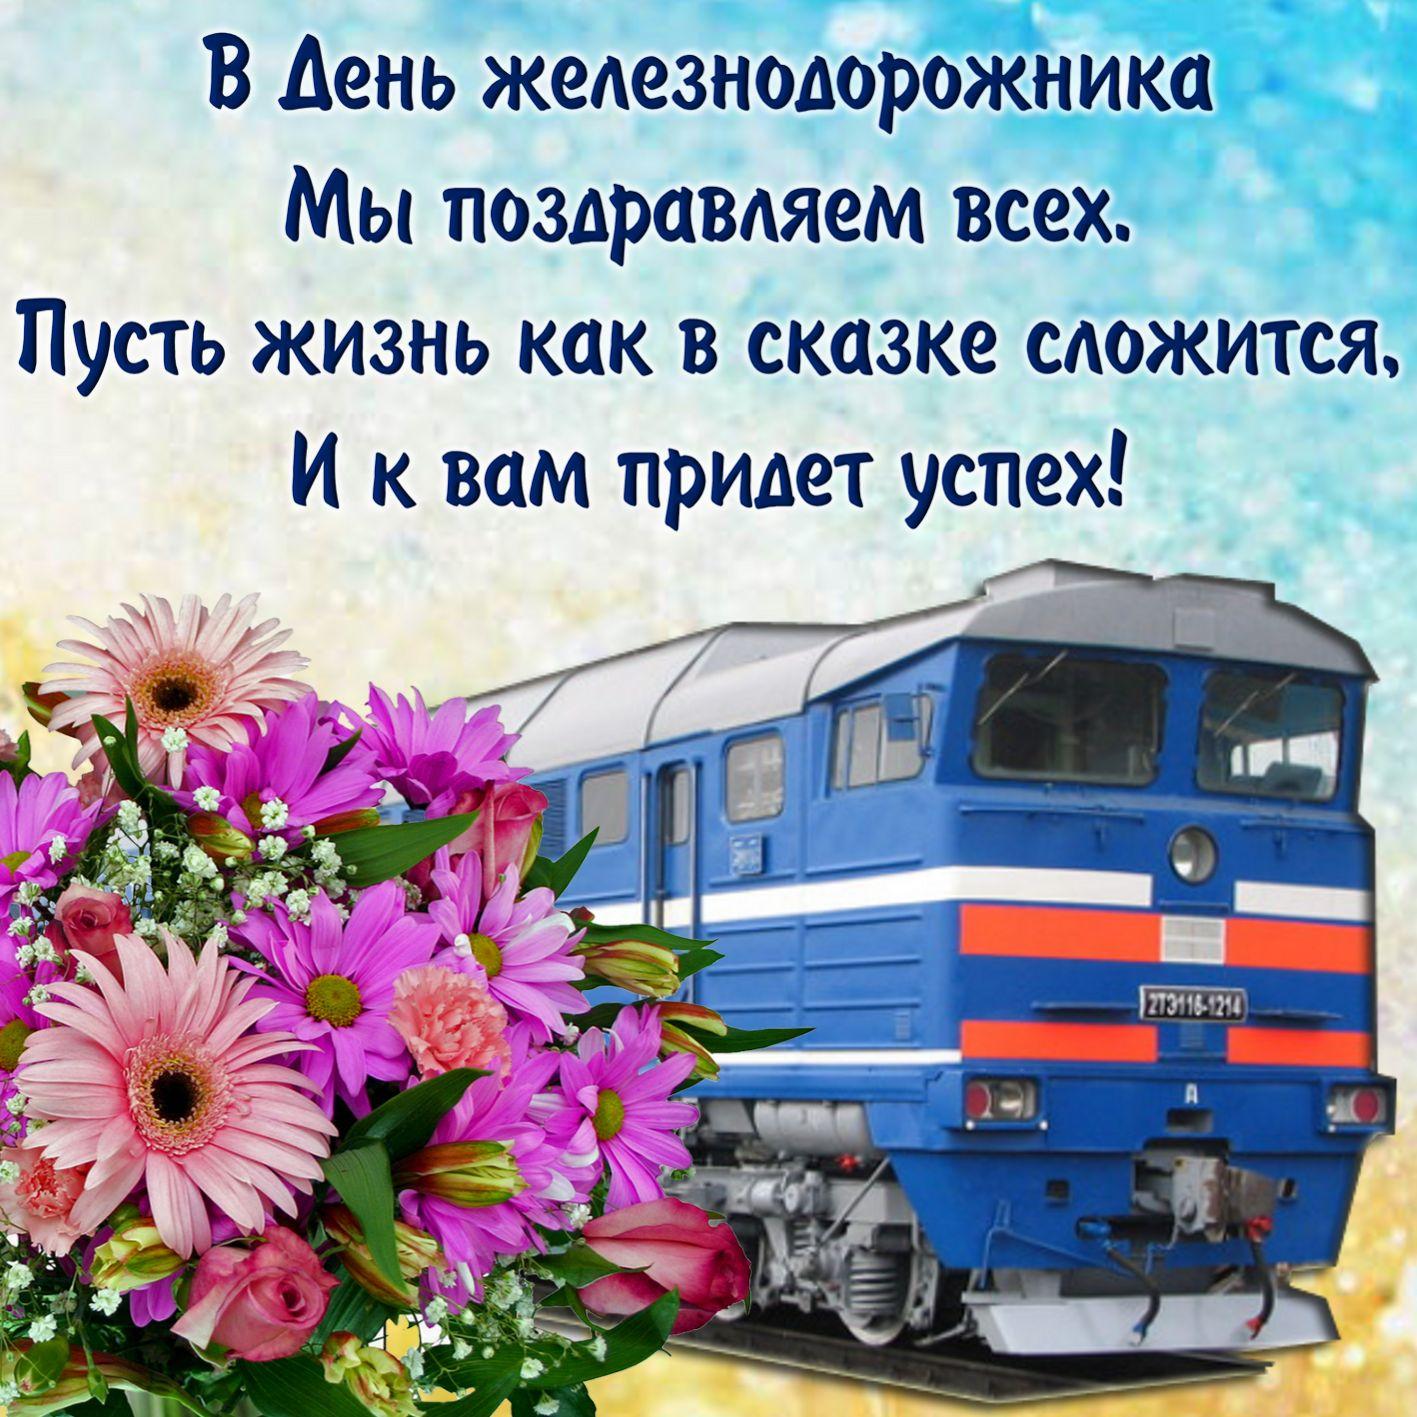 Поздравления сына с днем железнодорожника фото 712